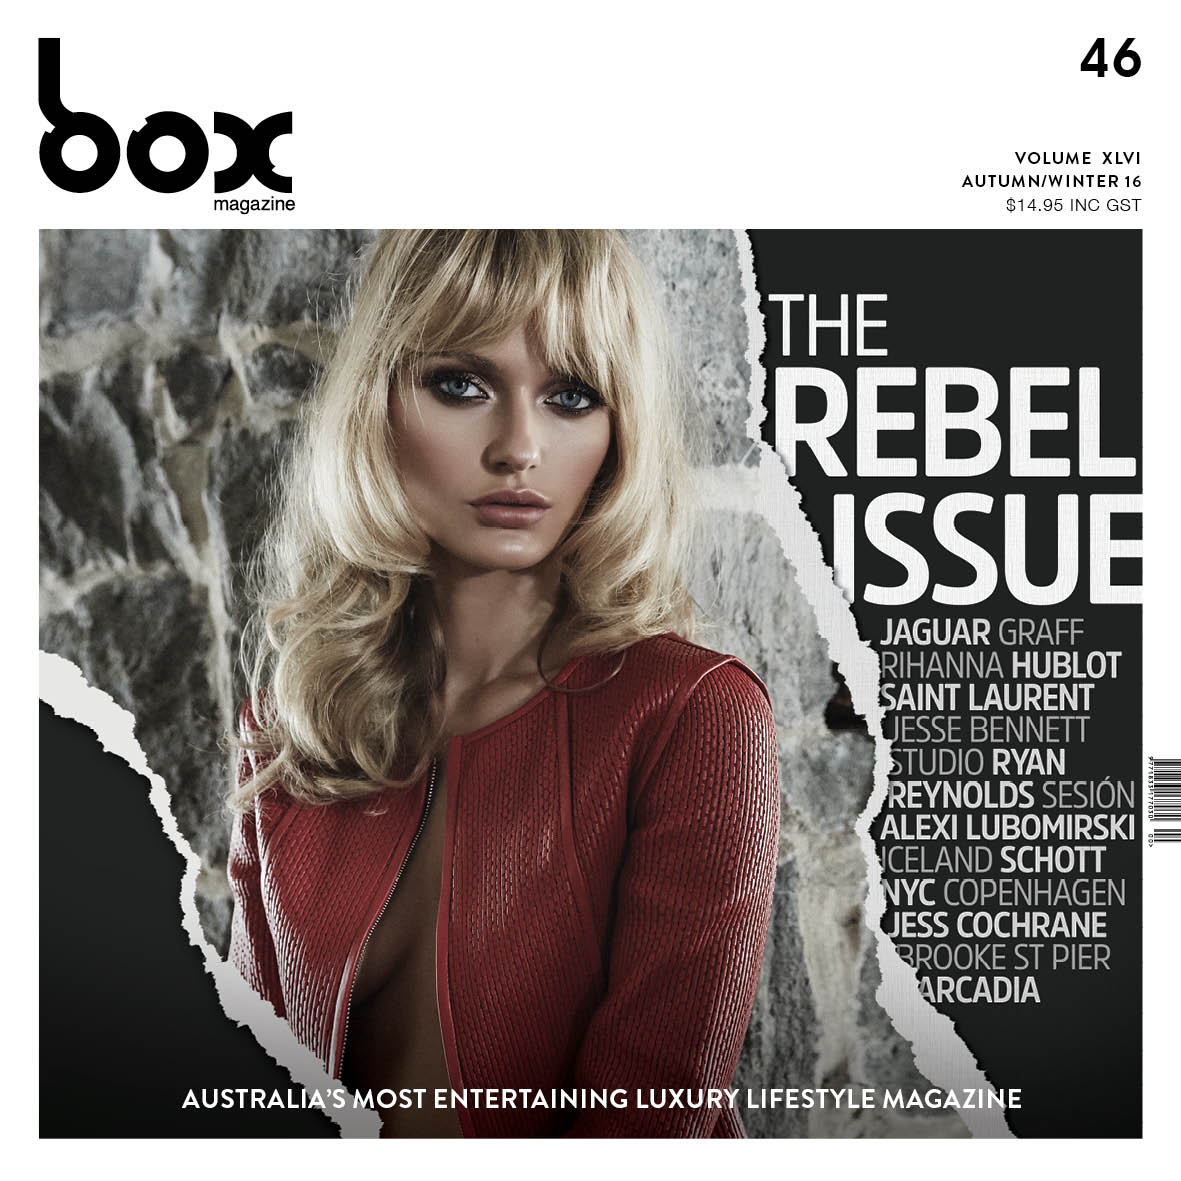 BOX_SS_2016_COVER_PRINT.jpg